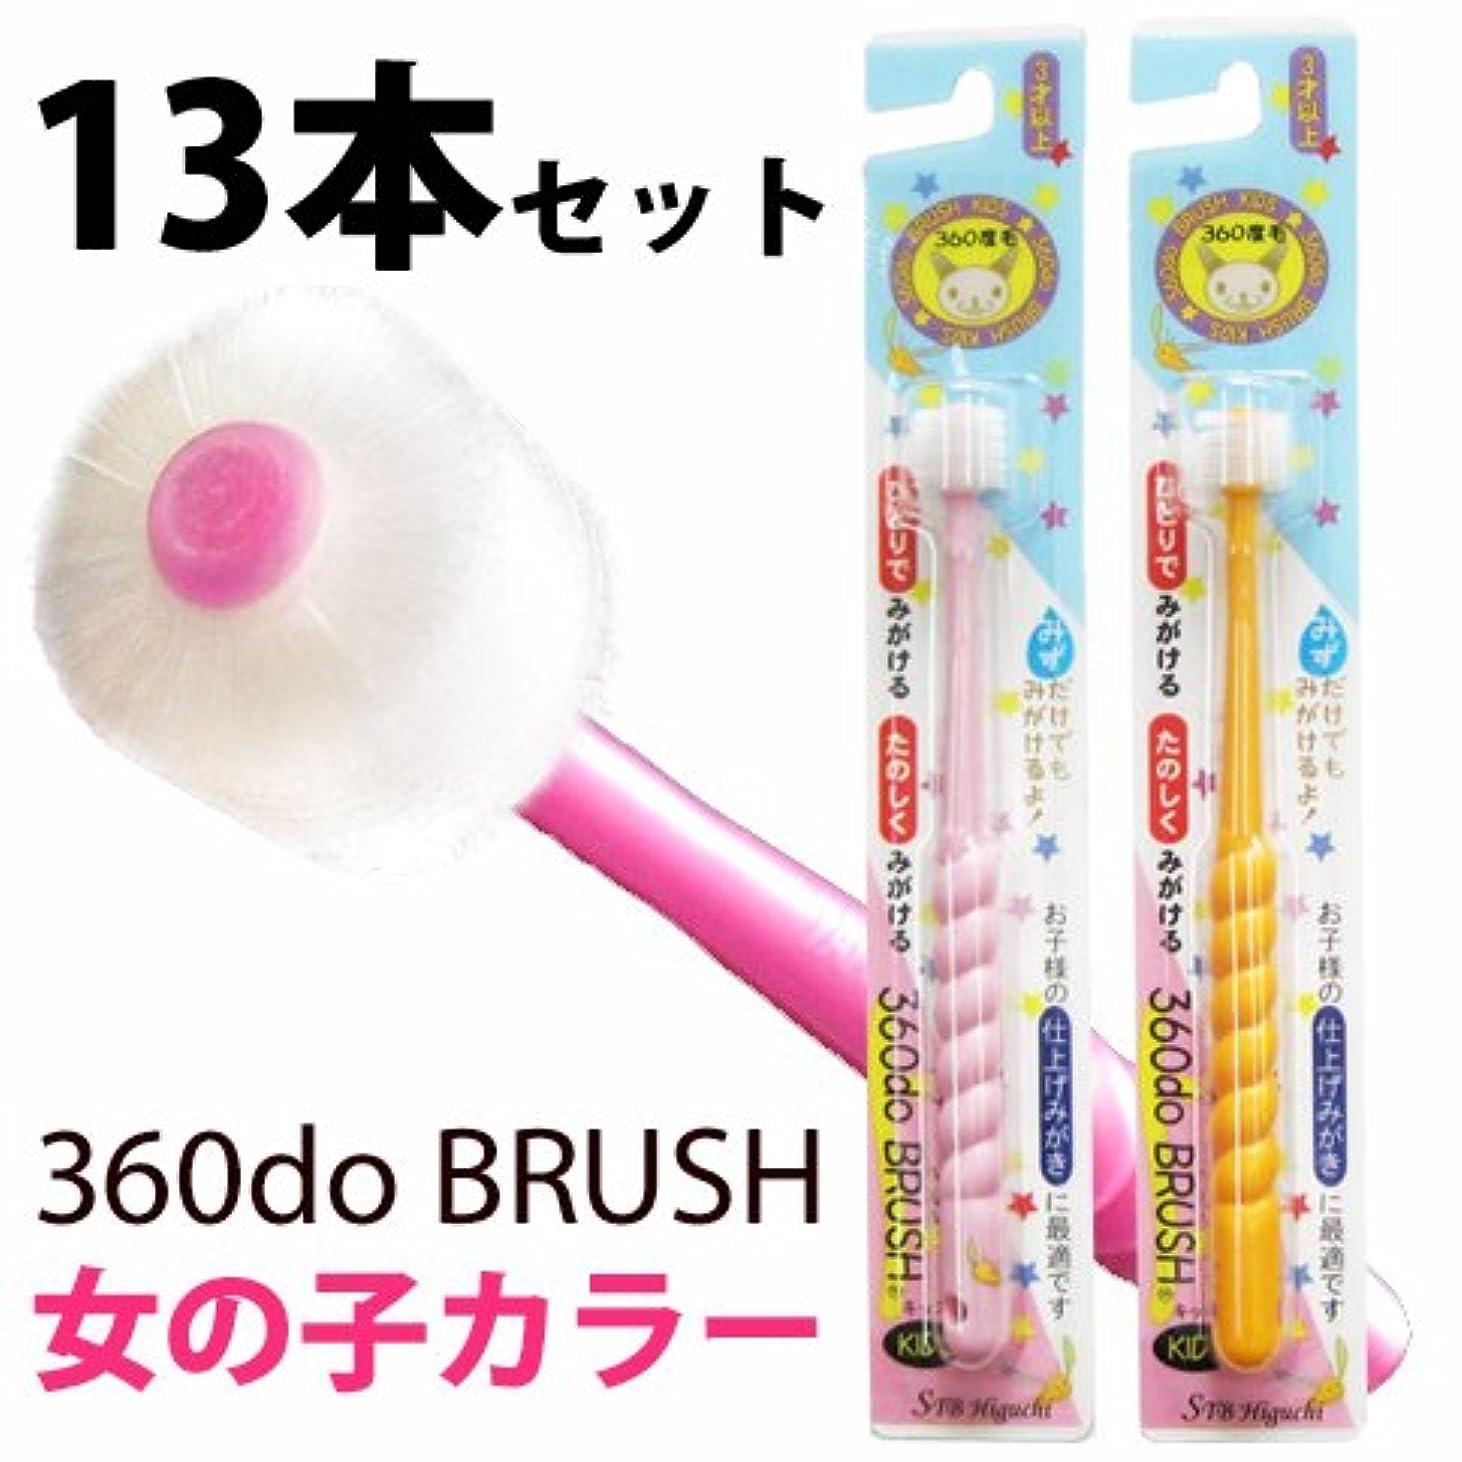 シプリー政治家のメトロポリタン360do BRUSH 360度歯ブラシ キッズ 女の子用 13本セット